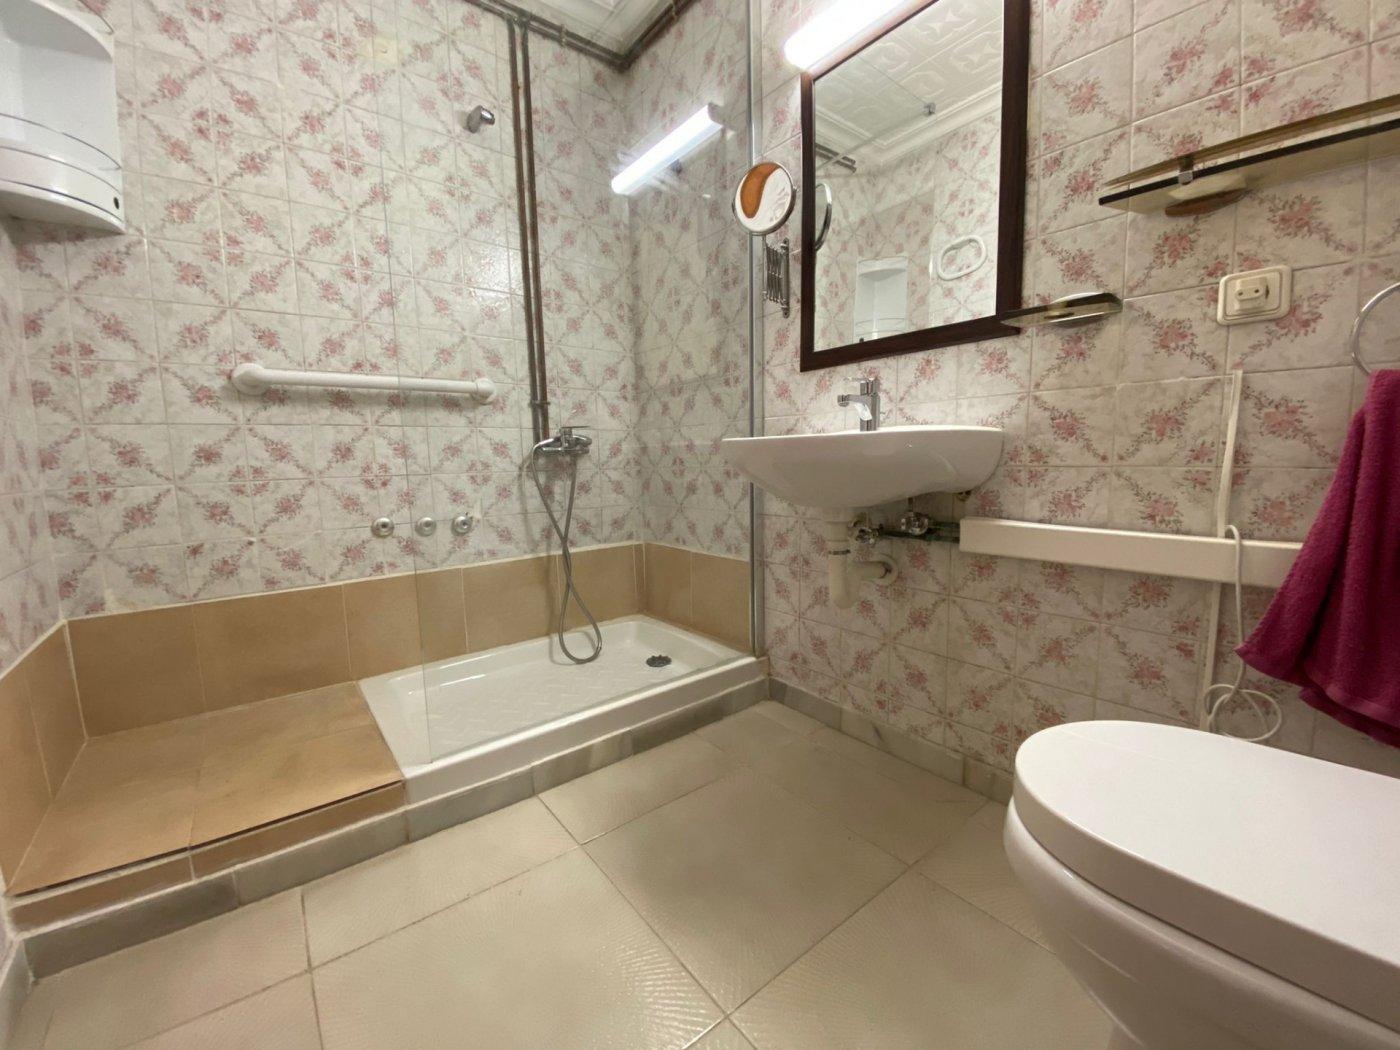 Señorial piso en palma, posibilidad alquiler con opción a compra - imagenInmueble14